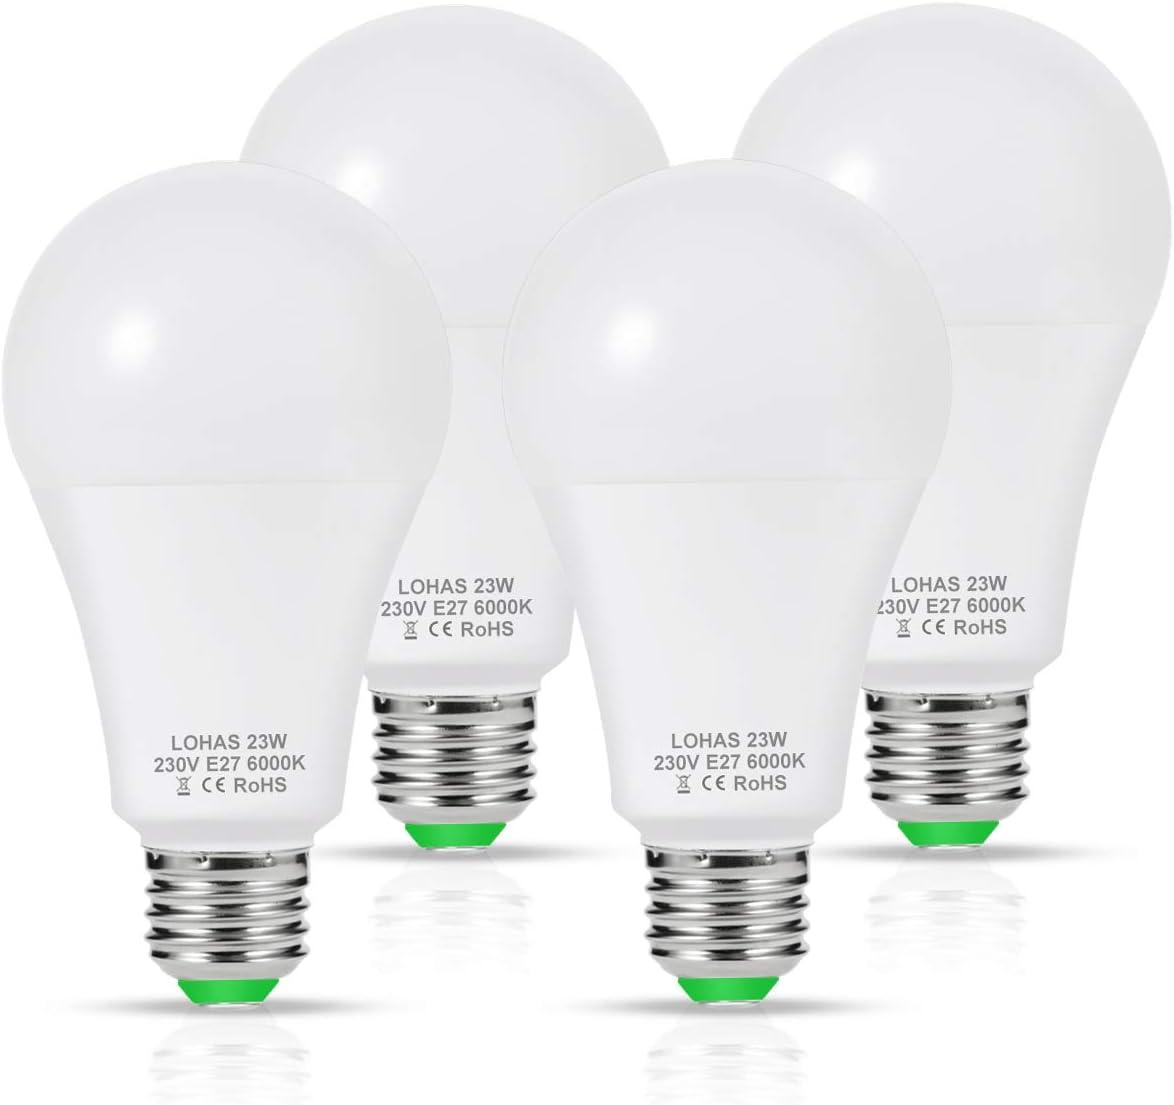 LOHAS Bombilla LED E27, 23W Bombilla LED Equivalent a 200W Incandescente Bombilla, Blanco Frío 6000K, 2500 Lúmenes, 240 ° Ángulo de Haz, Bombilla de Bajo Consumo, No-regulable, Paquete de 4 Unidades